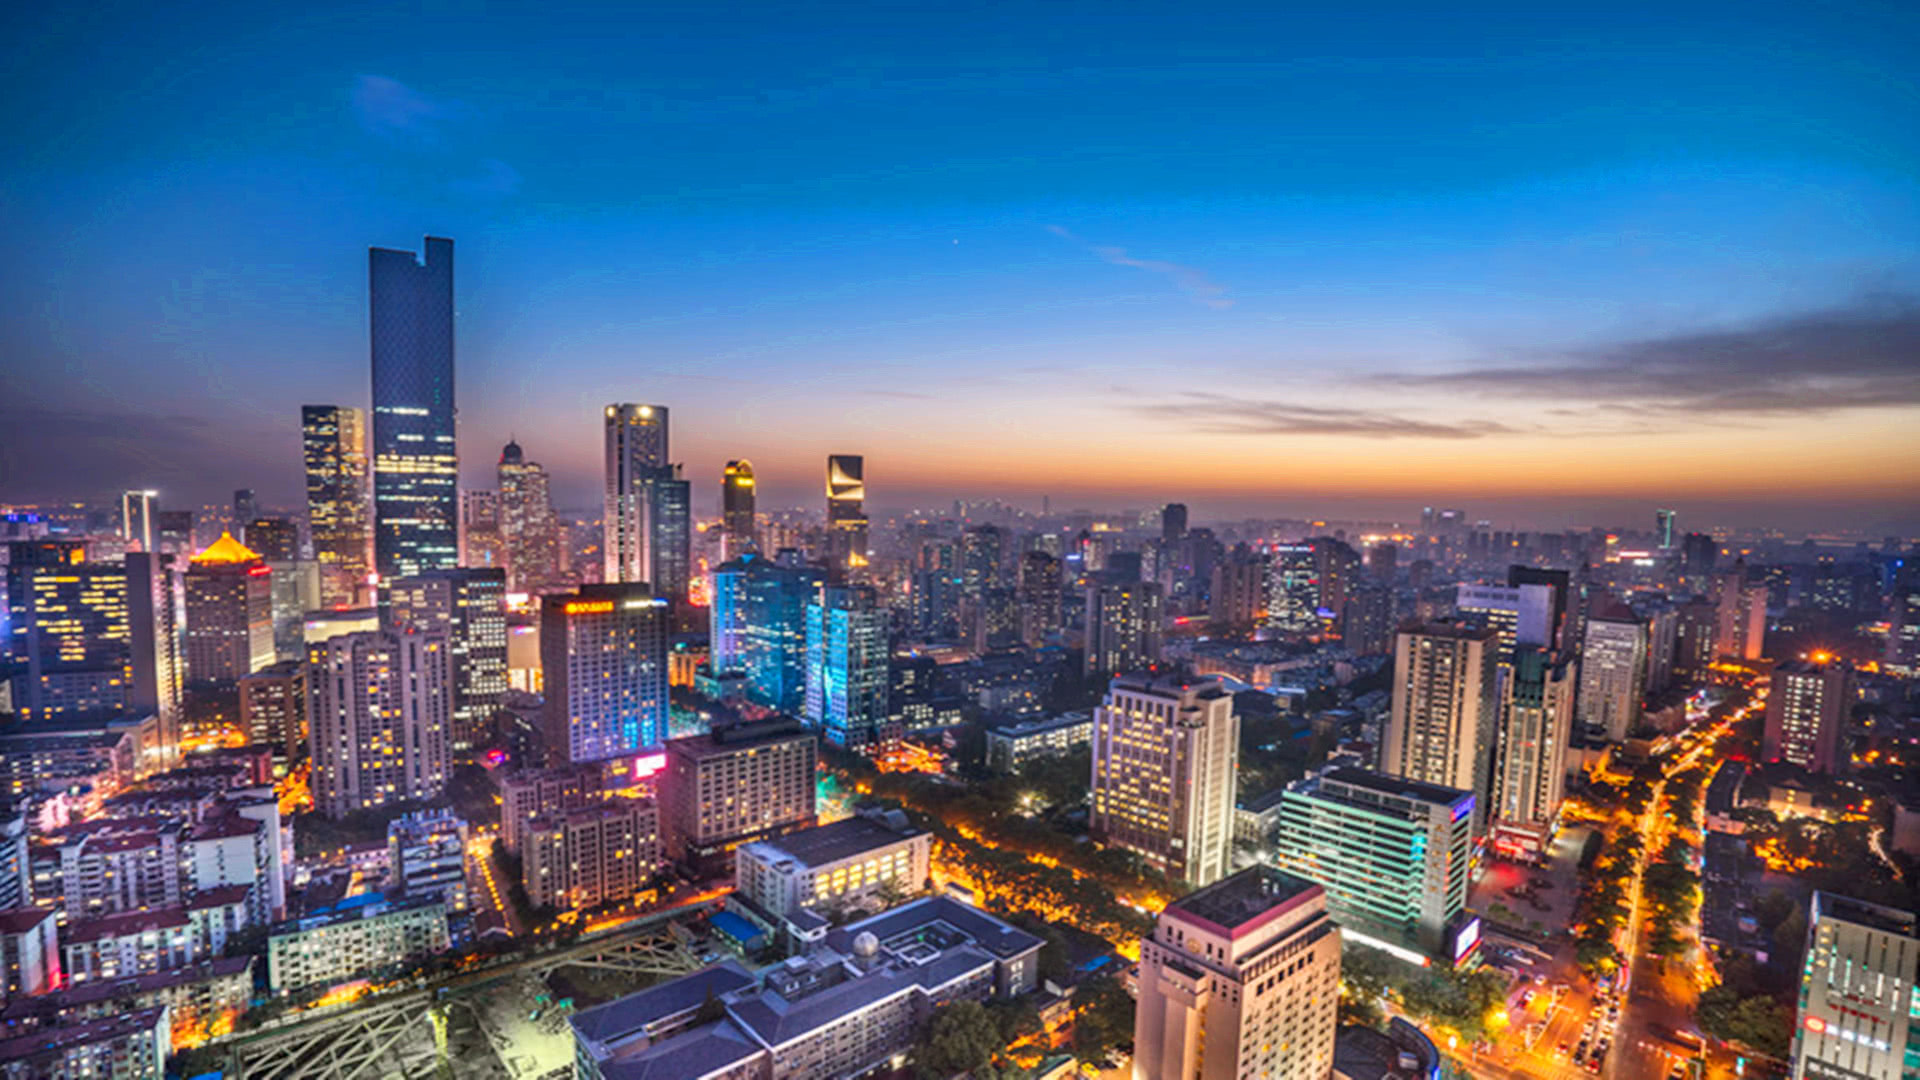 南京最牛的4个市,常州第2,北欧第4,江苏南通竟未上榜手机扬州攻略完美女神图片